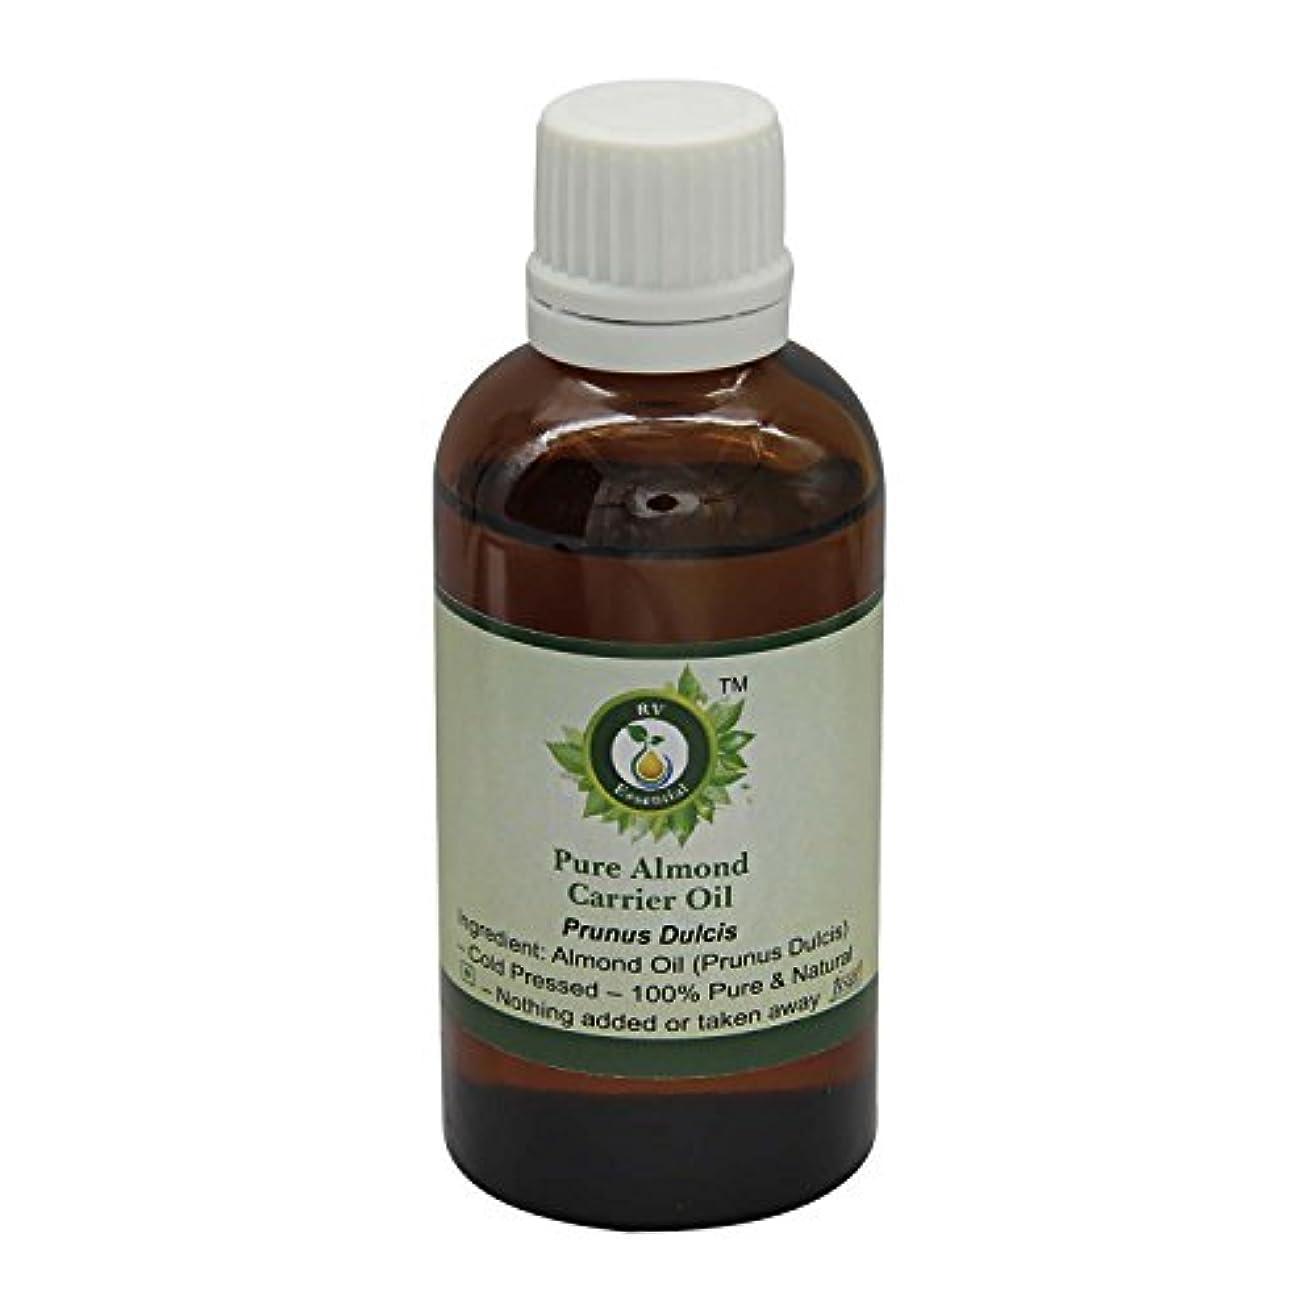 ミュージカル事実悪のR V Essential 純粋なアーモンドキャリアオイル50ml (1.69oz)- Prunus Dulcis (100%ピュア&ナチュラルコールドPressed) Pure Almond Carrier Oil